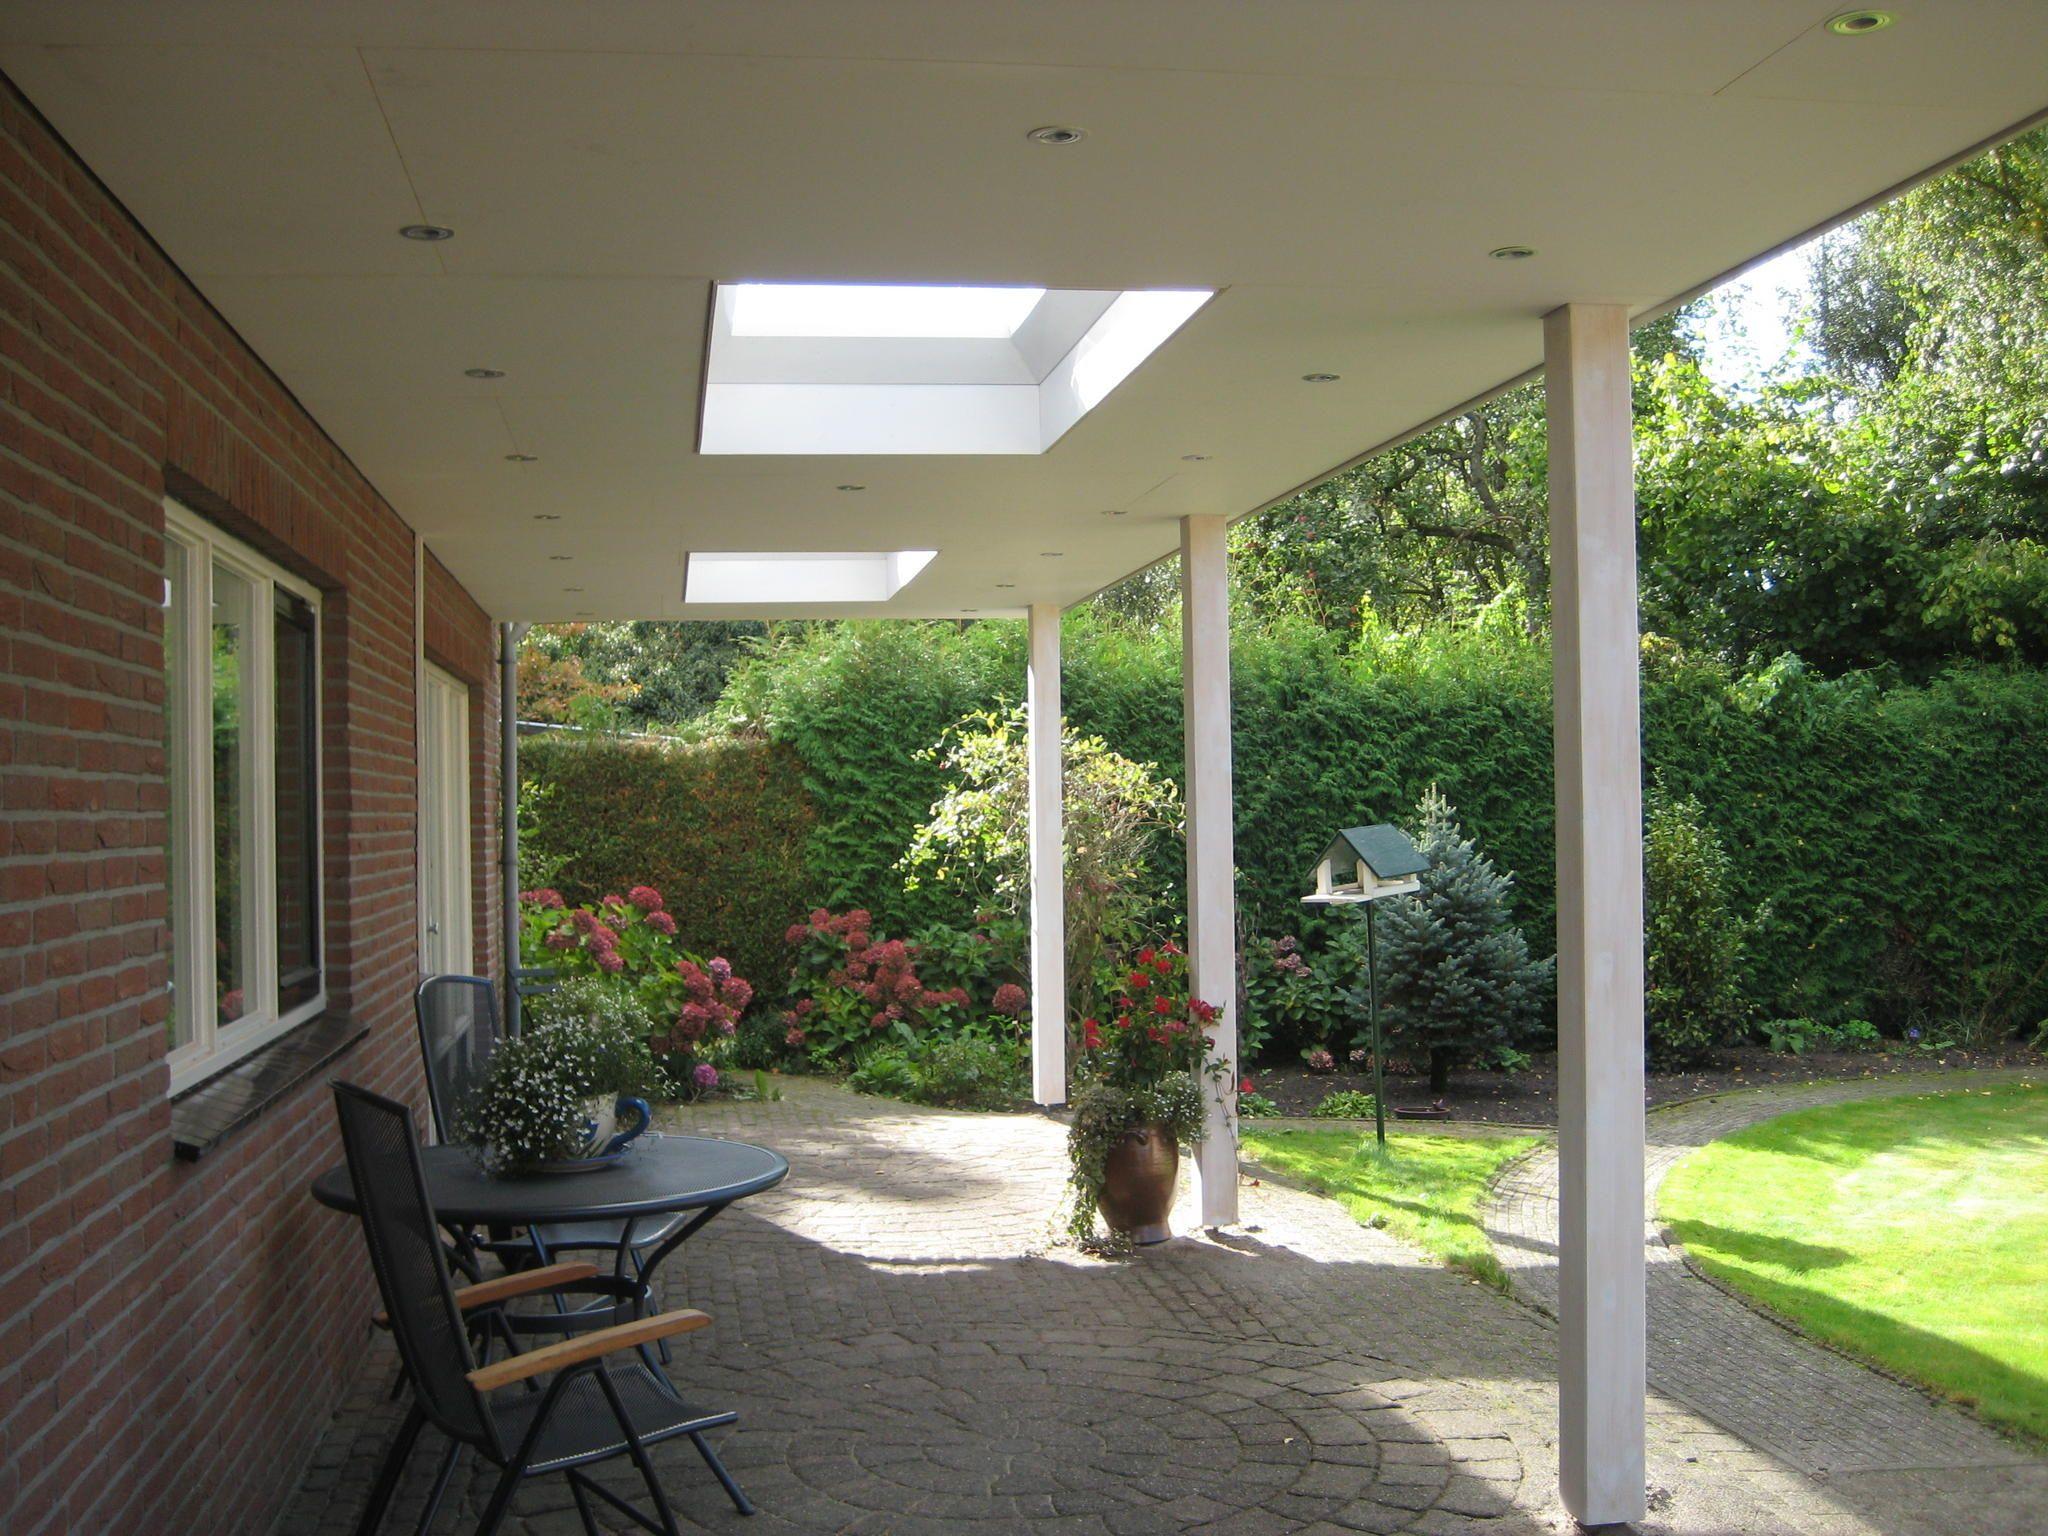 Overkapping aan huis google zoeken tuin pinterest zoeken google en tuin - Overdekte patio pergola ...